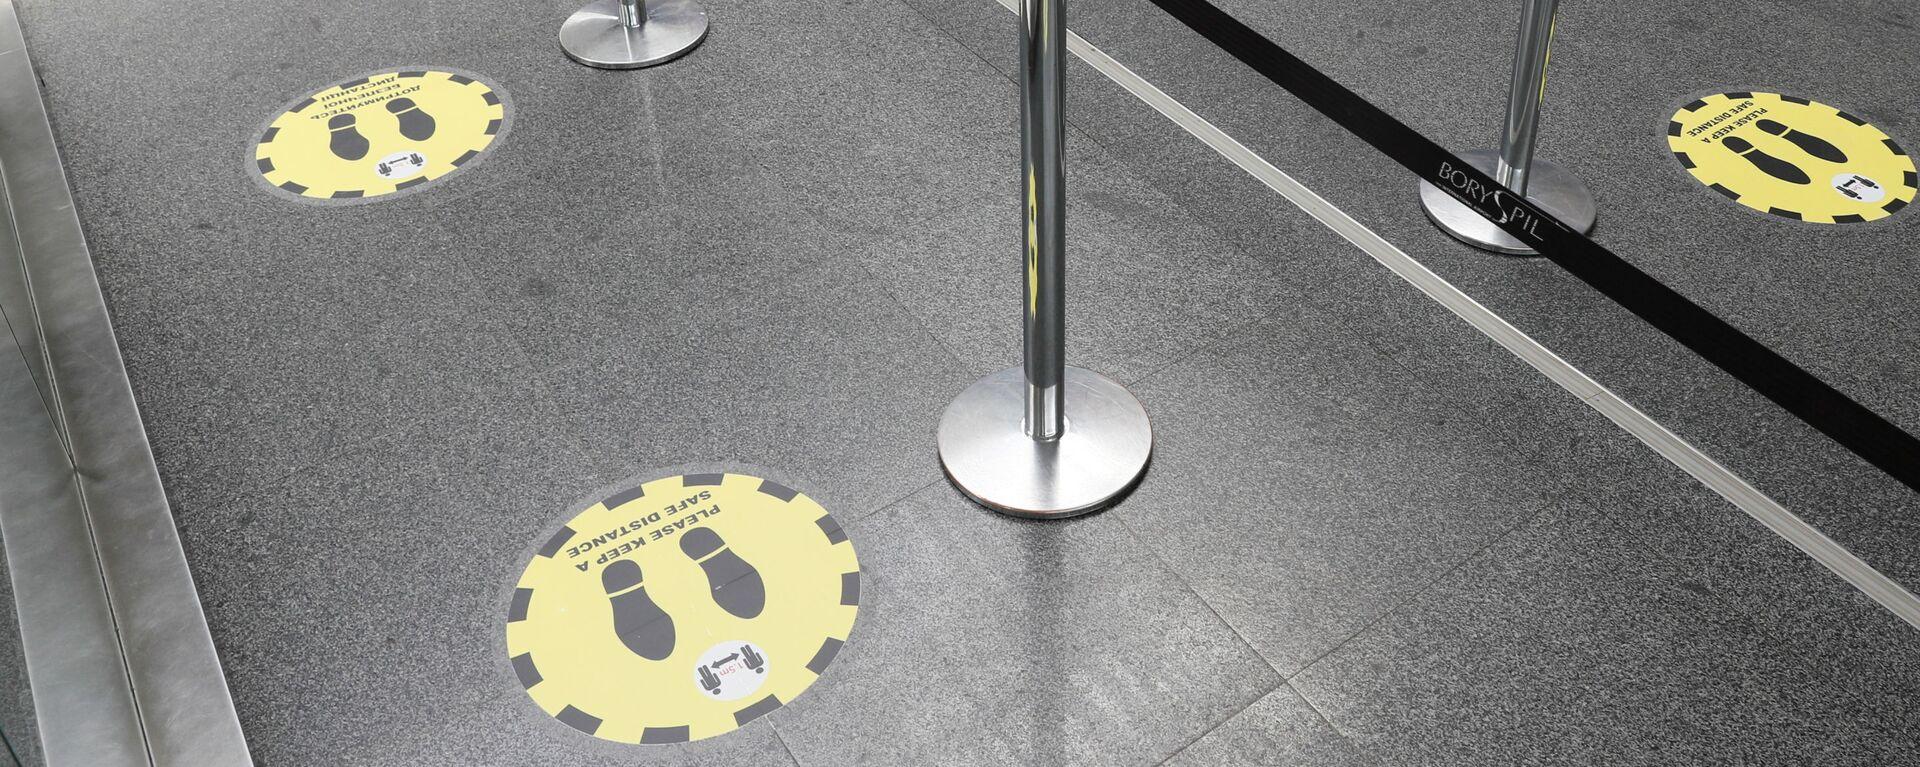 Отметки о необходимости соблюдать социальную дистанцию в международном аэропорту Борисполь в Киеве - Sputnik Latvija, 1920, 18.08.2021